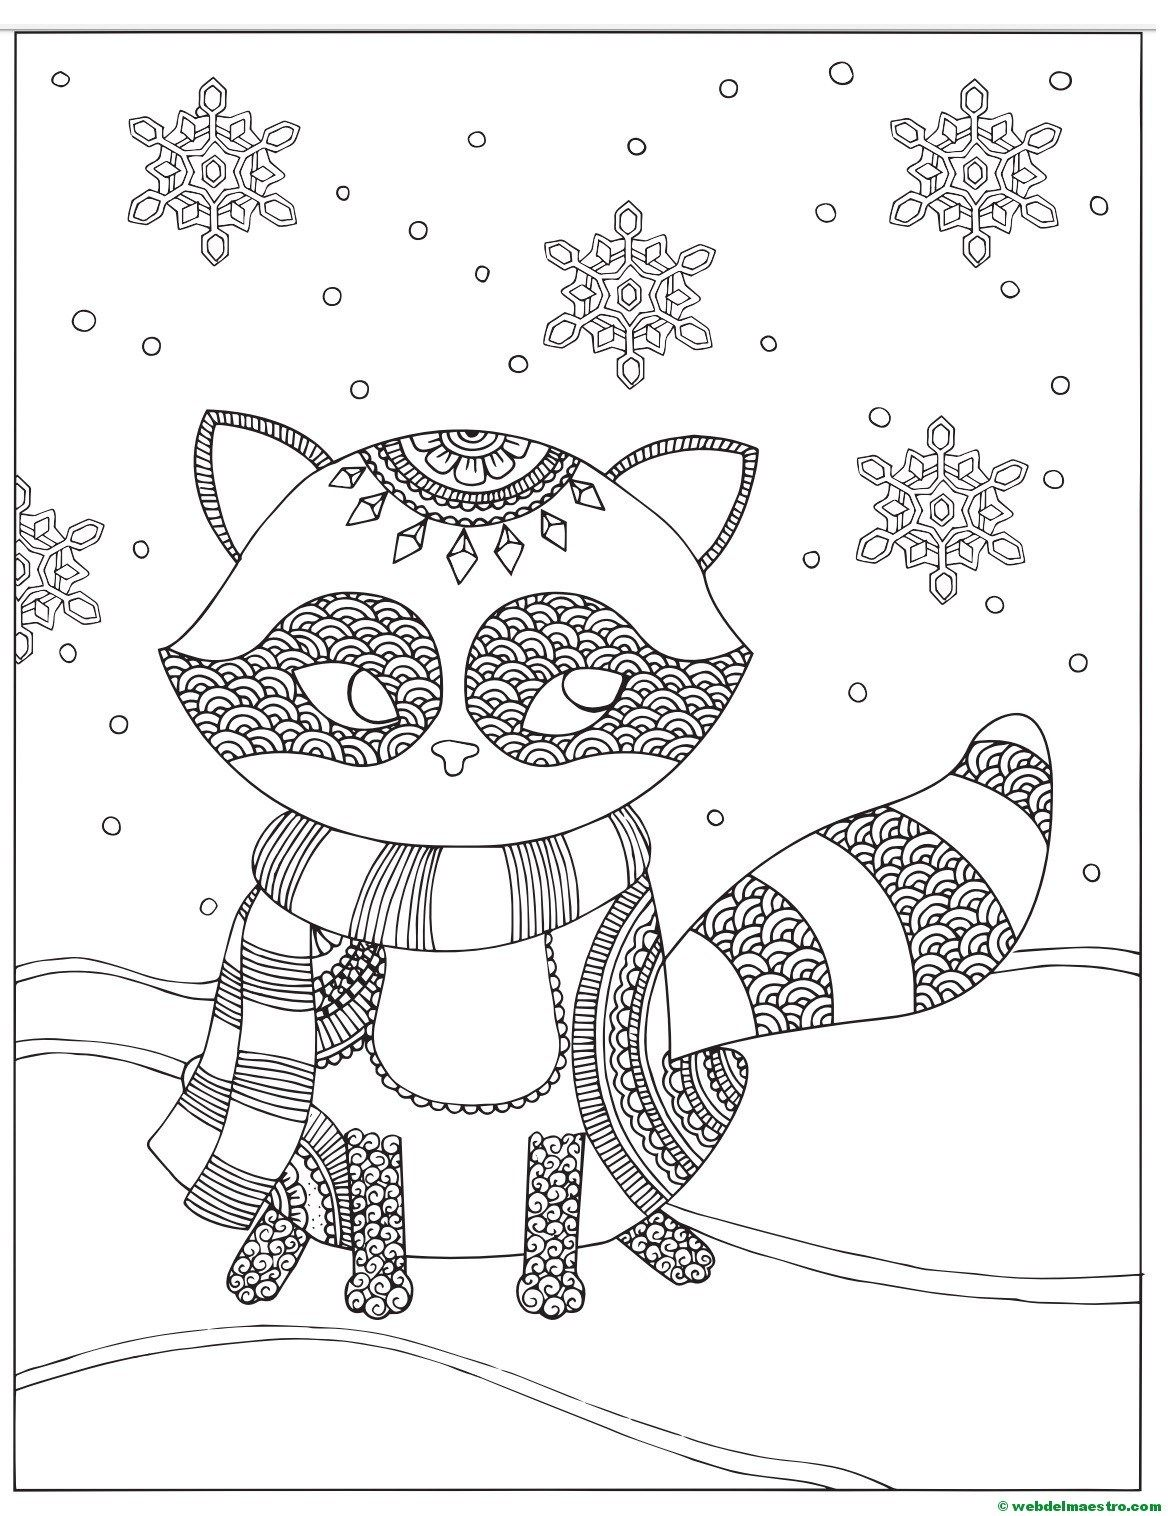 Dibujos Antiestrés Coloring Pages Dibujos Imprimir